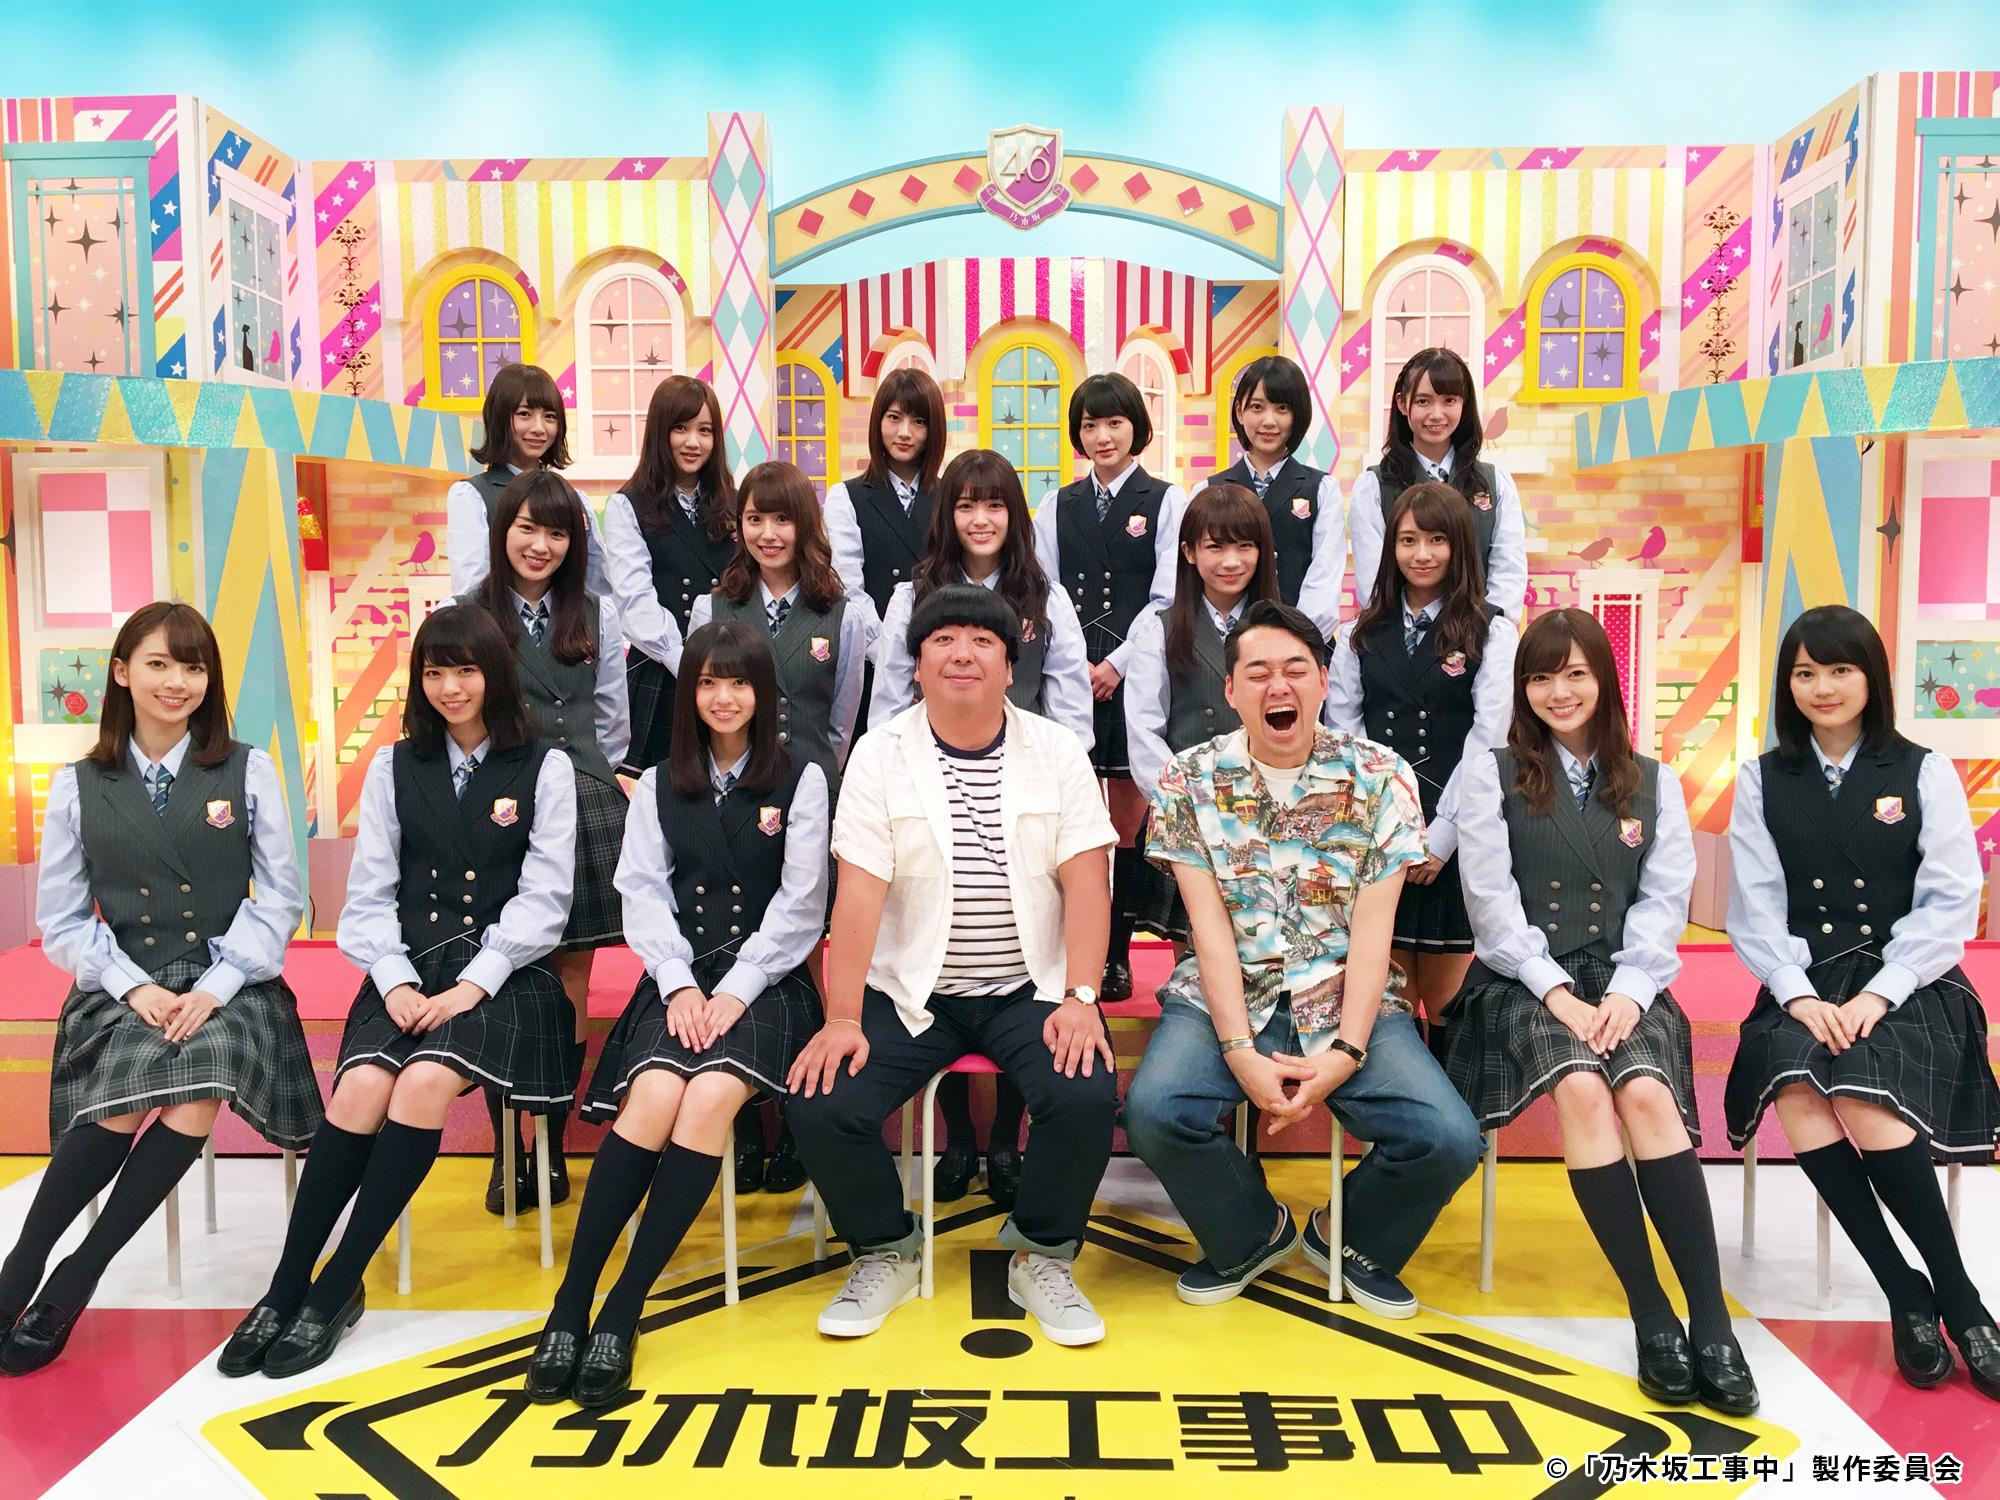 出典:http//www.nogizaka46.com/news/img/2016/11/02/tv03